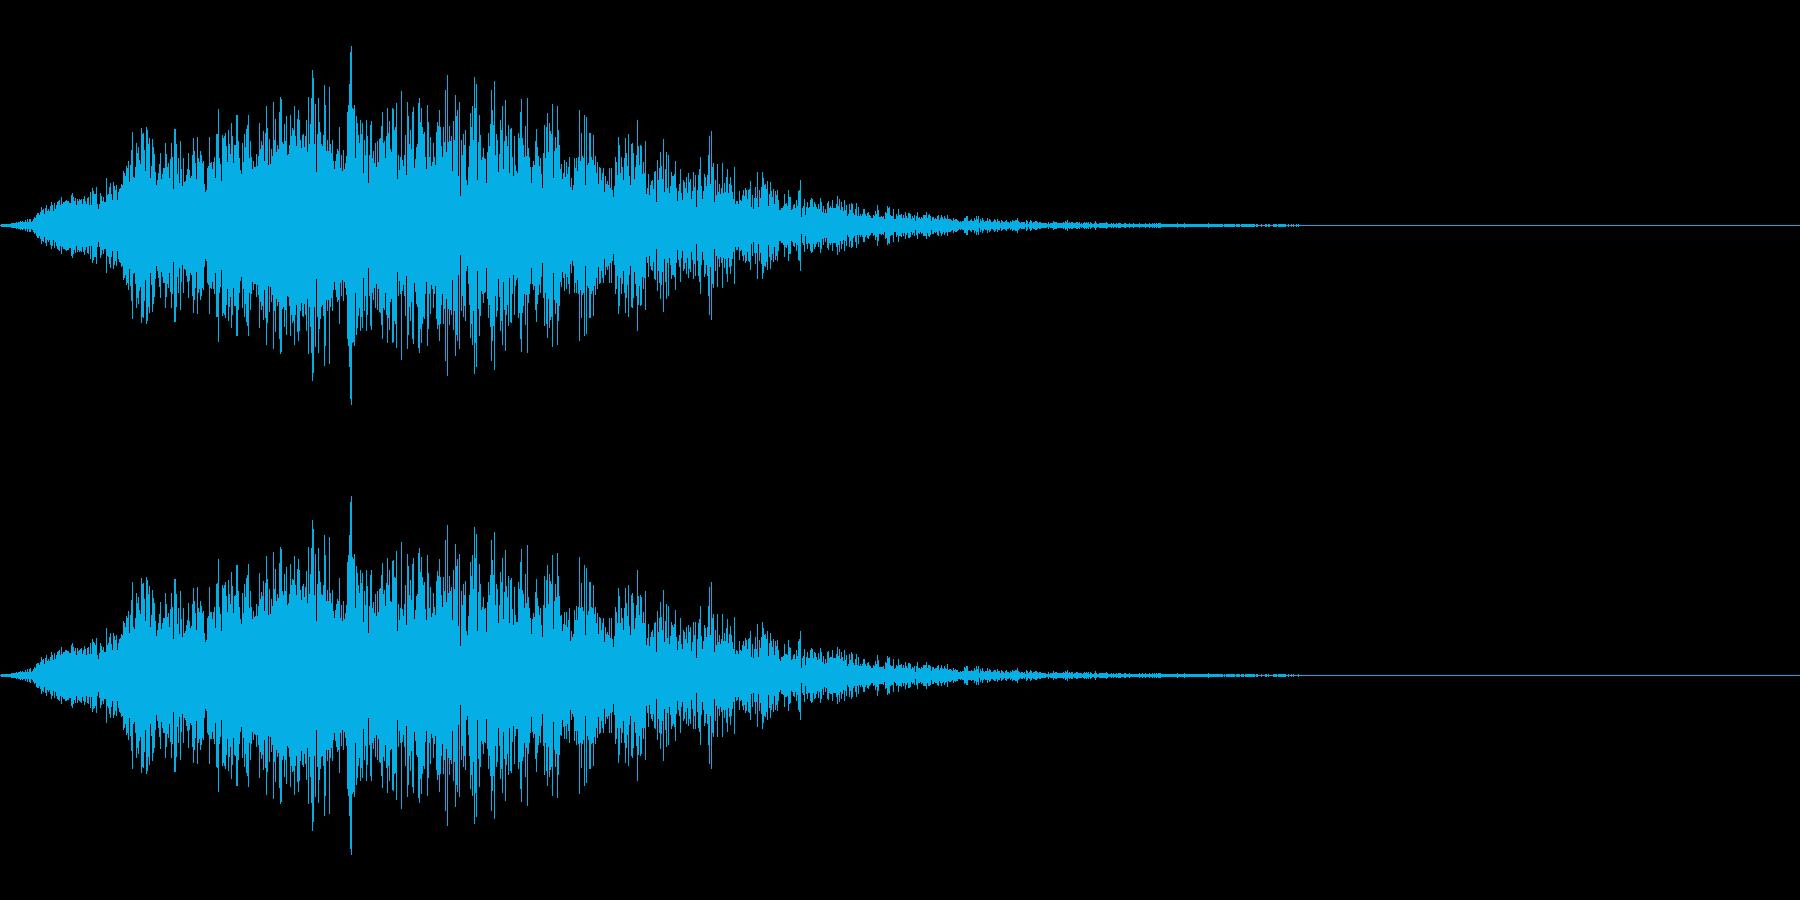 パワーダウン/睡眠魔法/場面転換の再生済みの波形